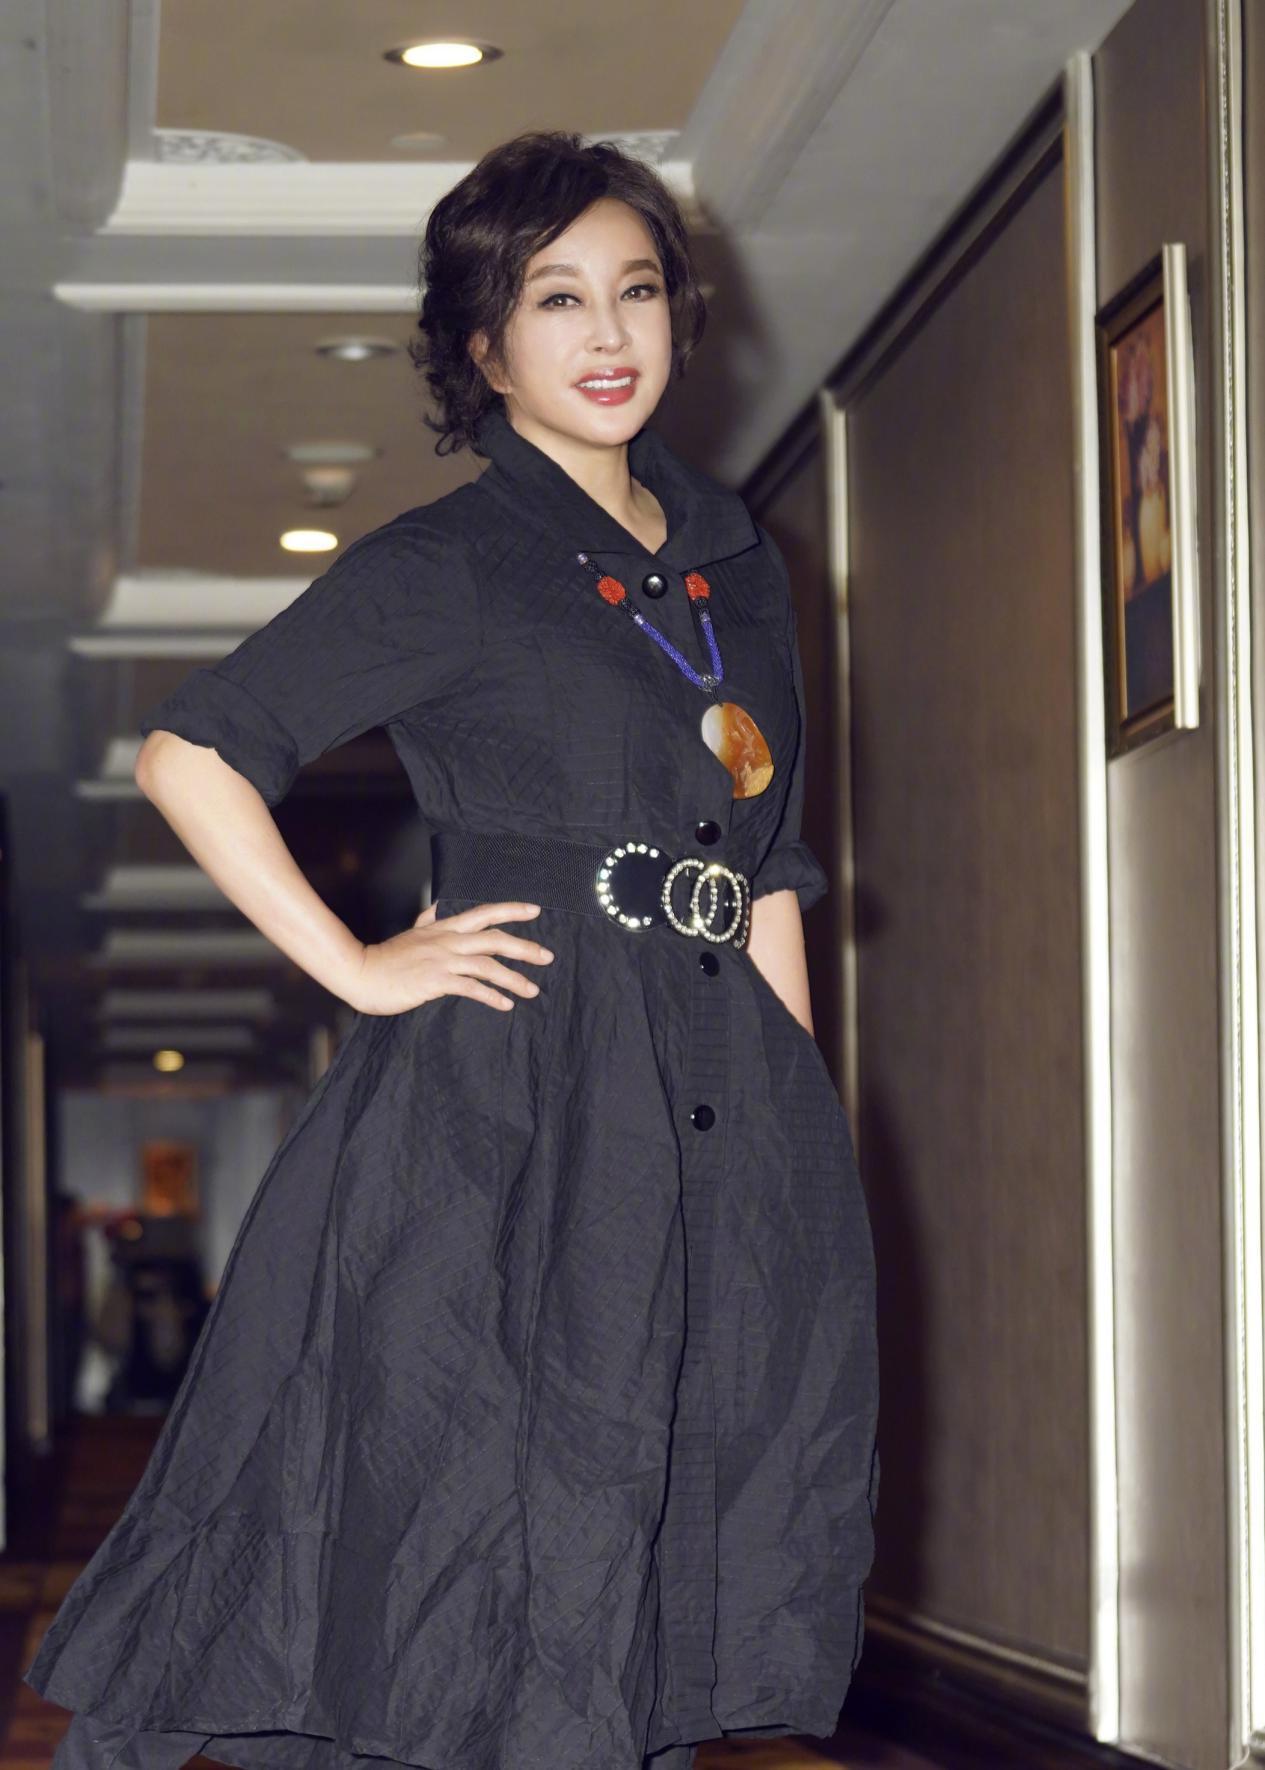 小roro■64岁刘晓庆上直播,时尚穿搭配翡翠项链减龄又时髦,妥妥的翡翠控